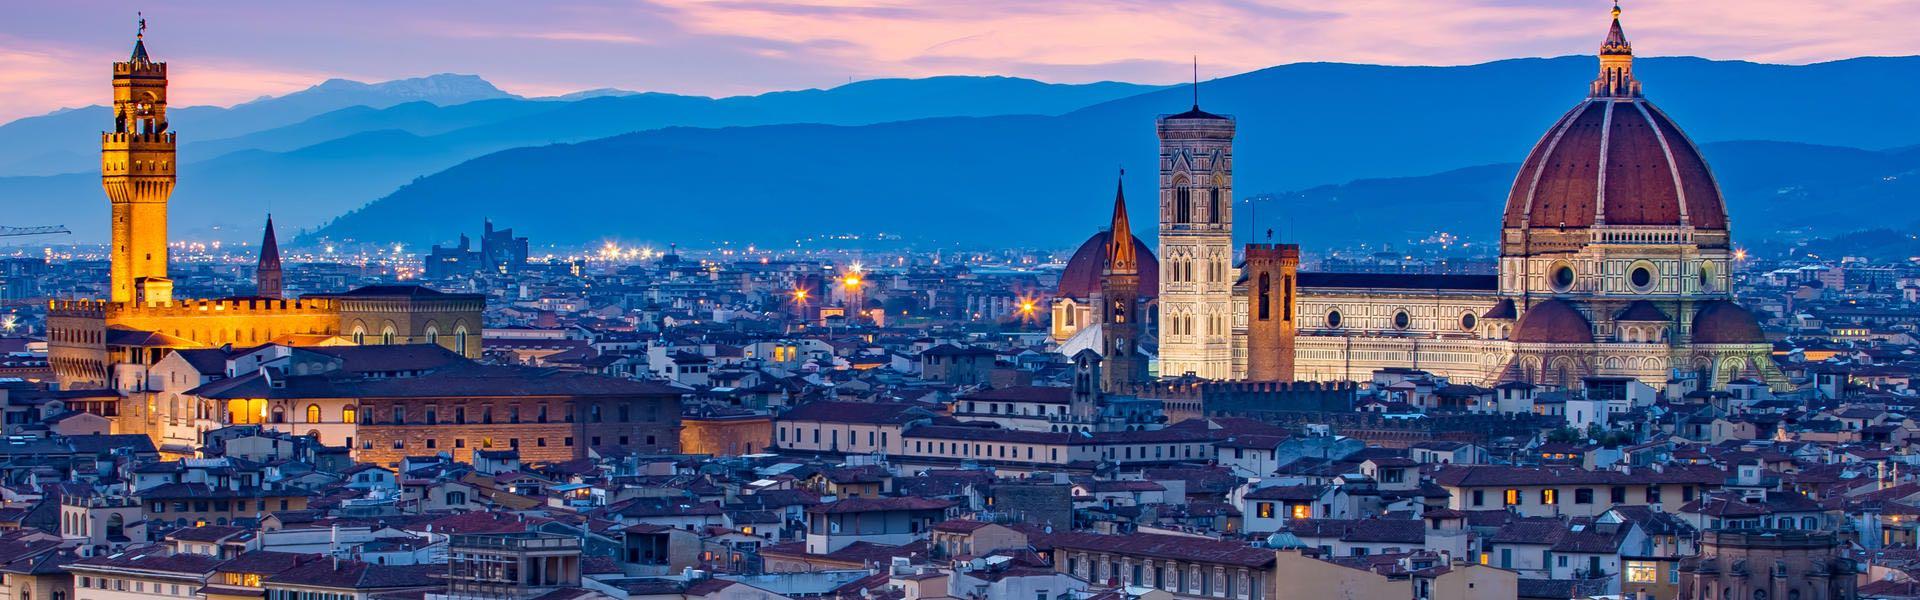 Ραντεβού Βερόνα Ιταλία